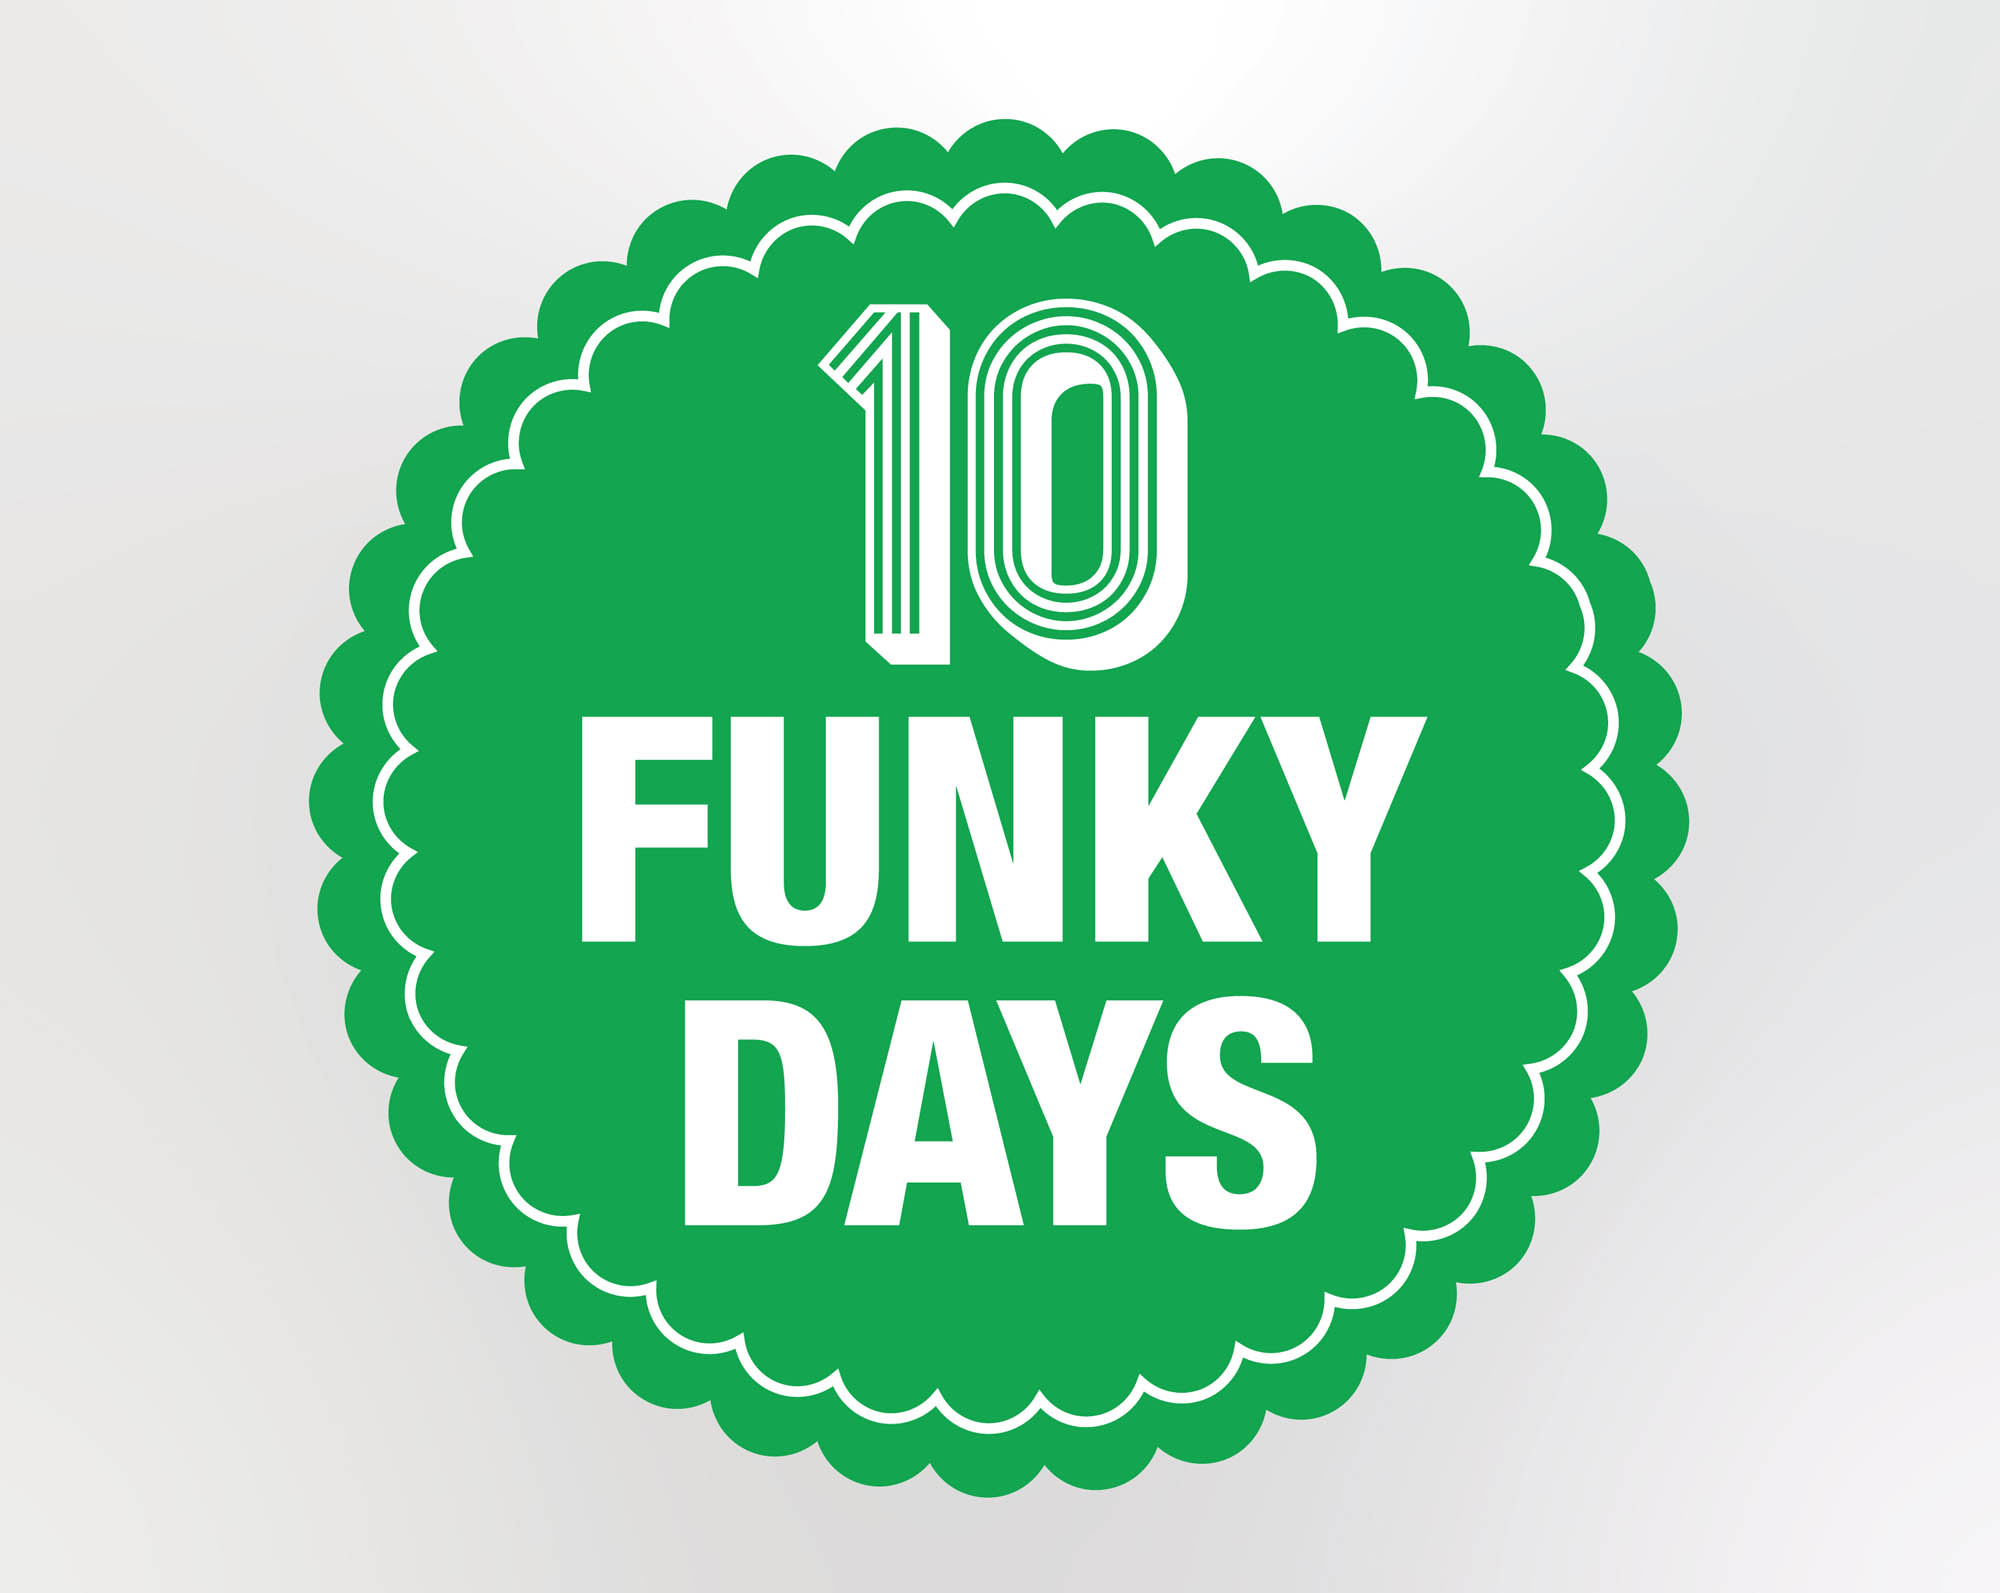 10 Funky Days!